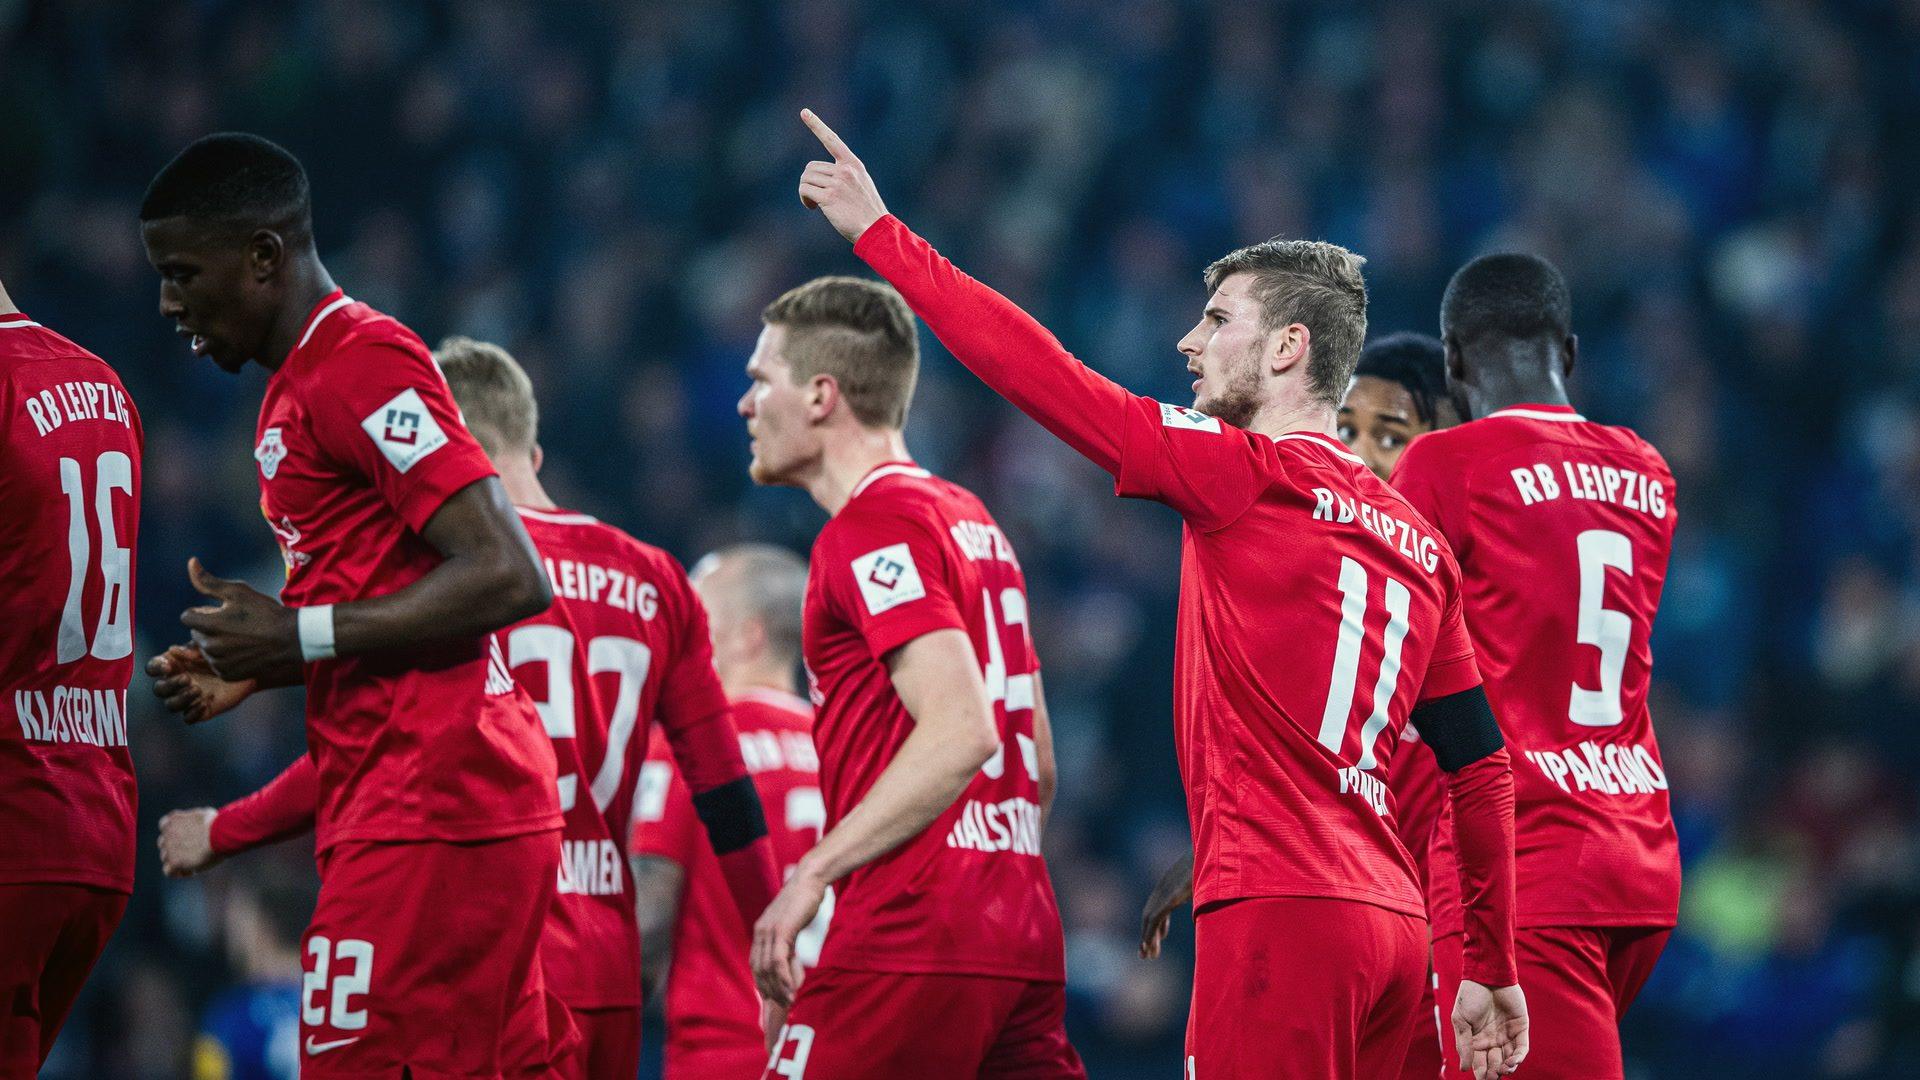 Werner back among the goals as Leipzig thrash Schalke